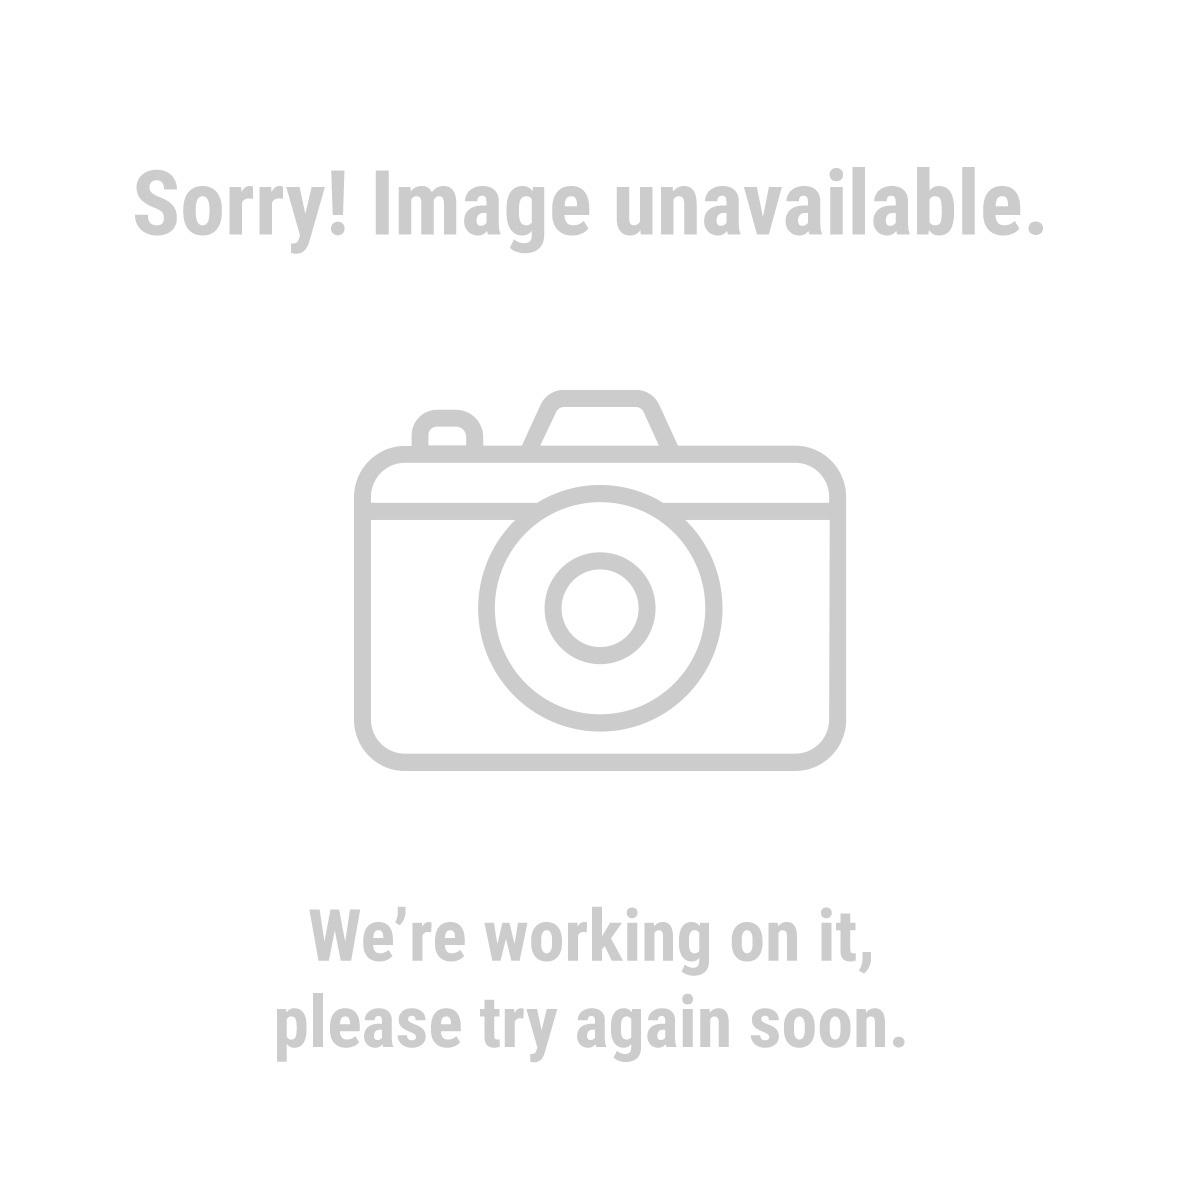 Drill Master 95529 Metric Drill/Tap/Deburr Bit Set